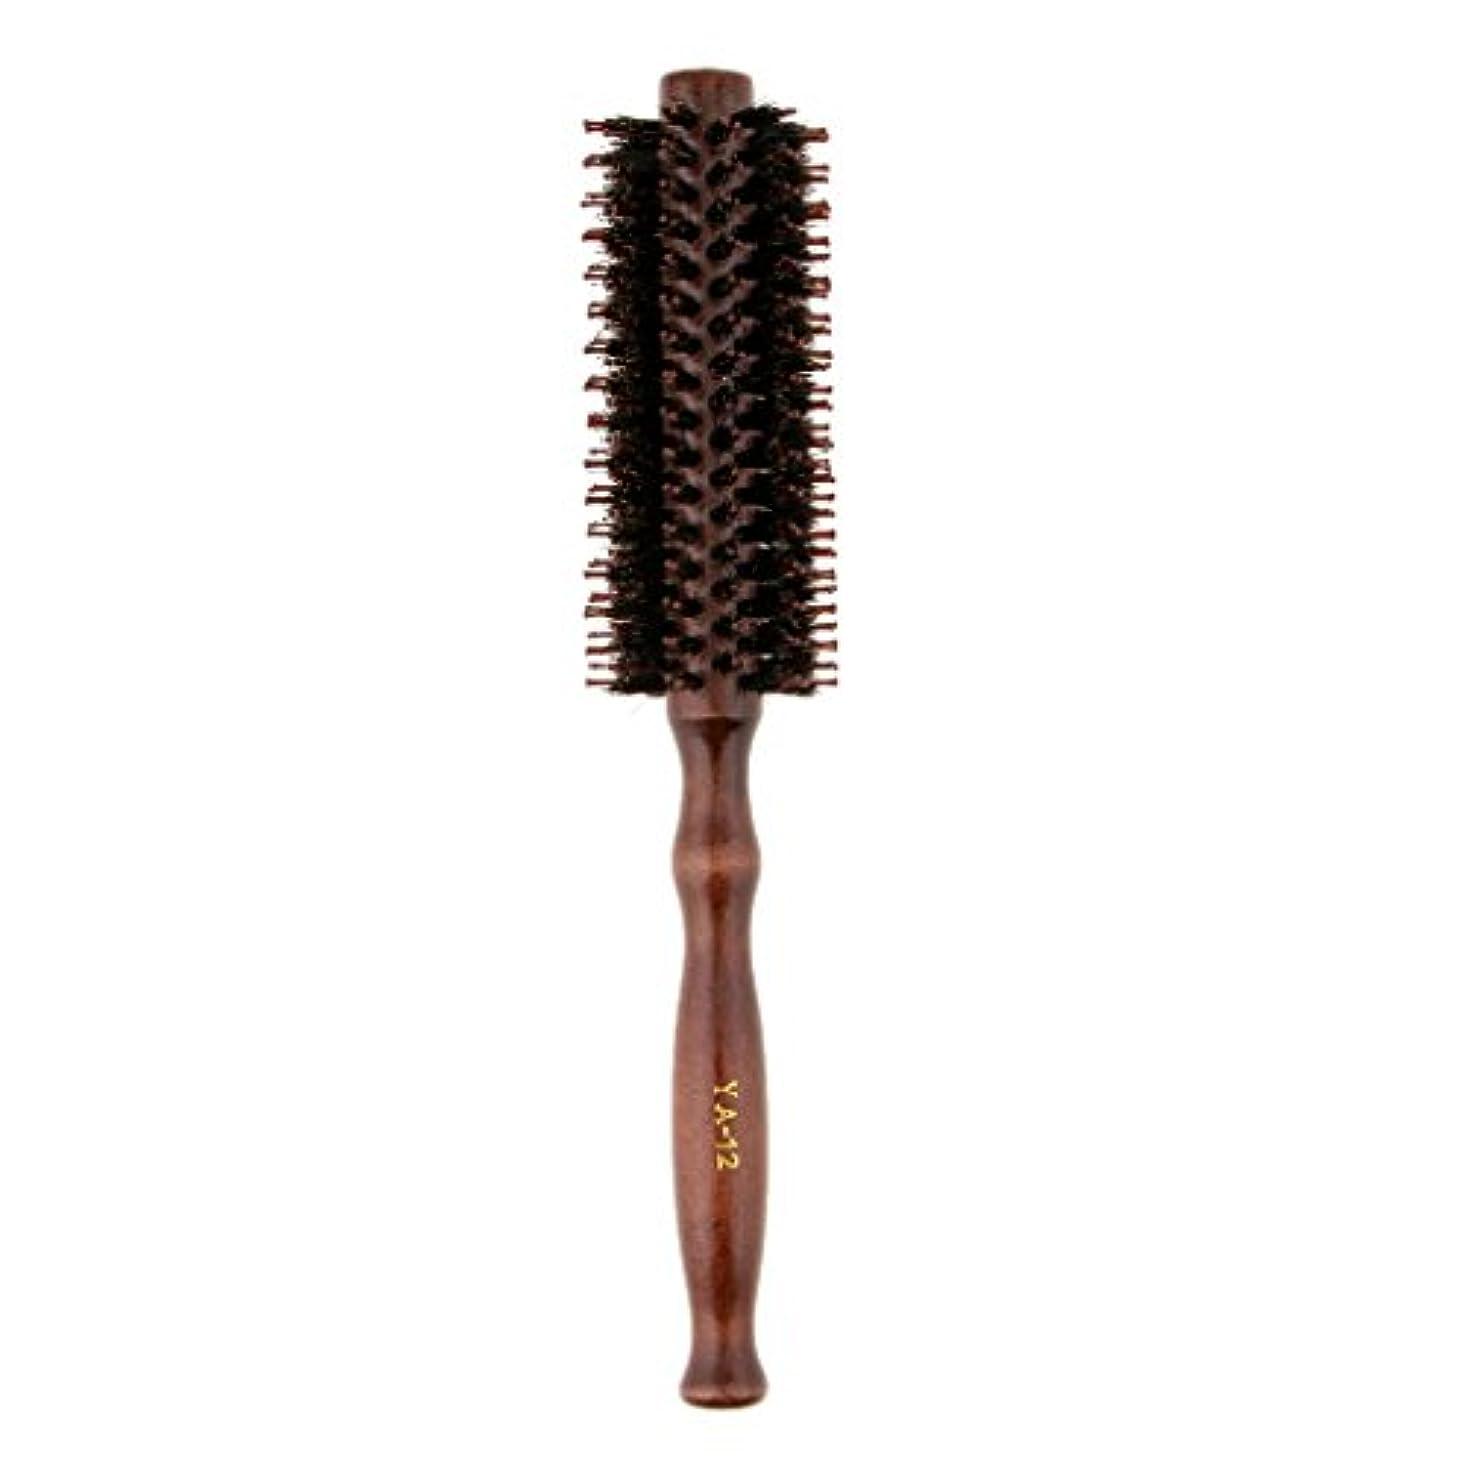 生産的印象困難ロールブラシ ヘアブラシ 木製ハンドル 滑らか 仕上げ 速乾性 軽量 理髪 美容 カール 2タイプ選べる - #2